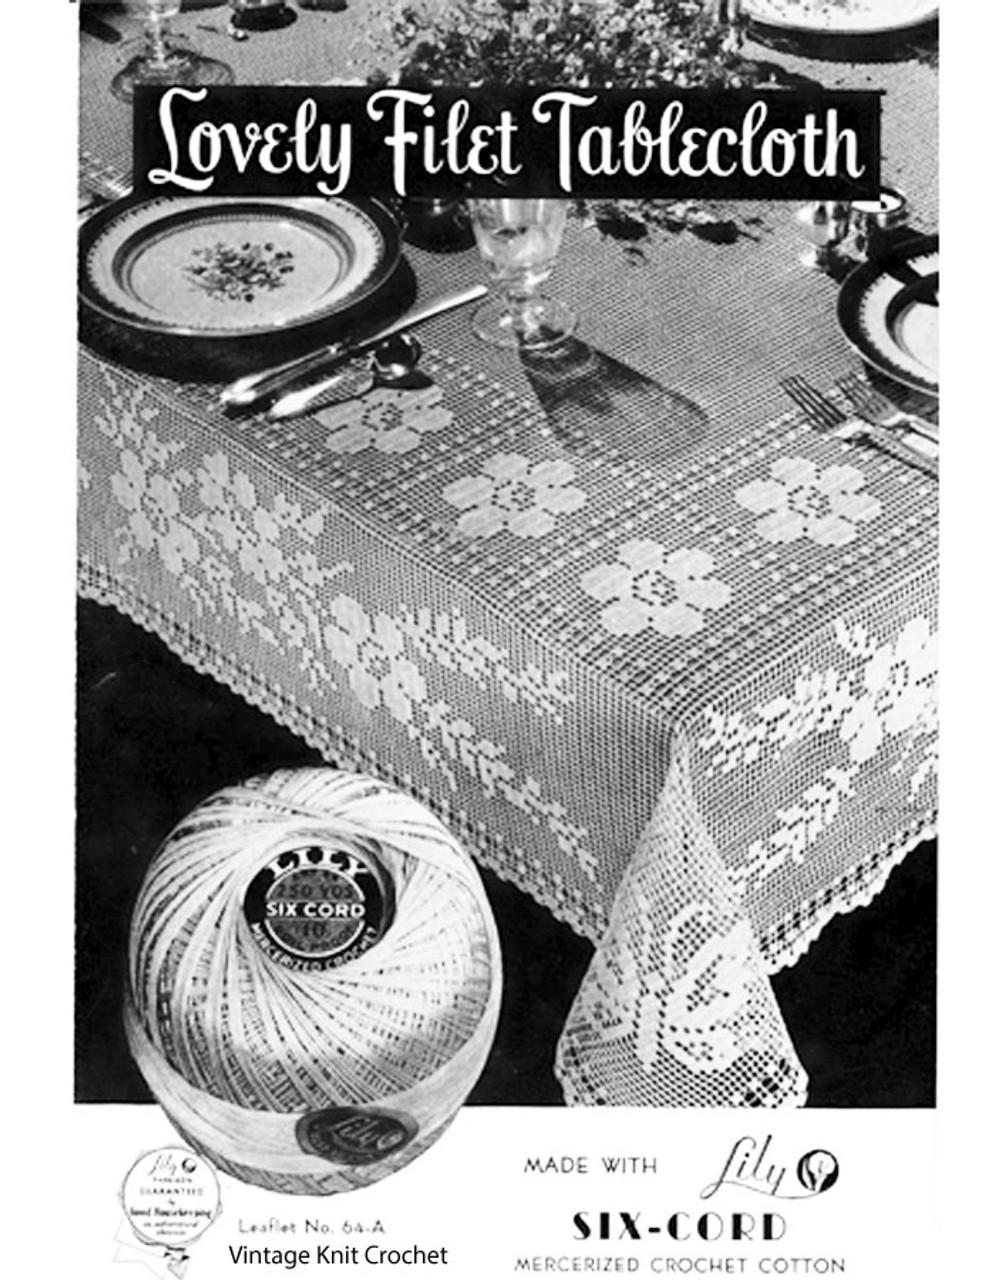 Filet Crochet Tablecloth Pattern, Flower Butterfly Motif